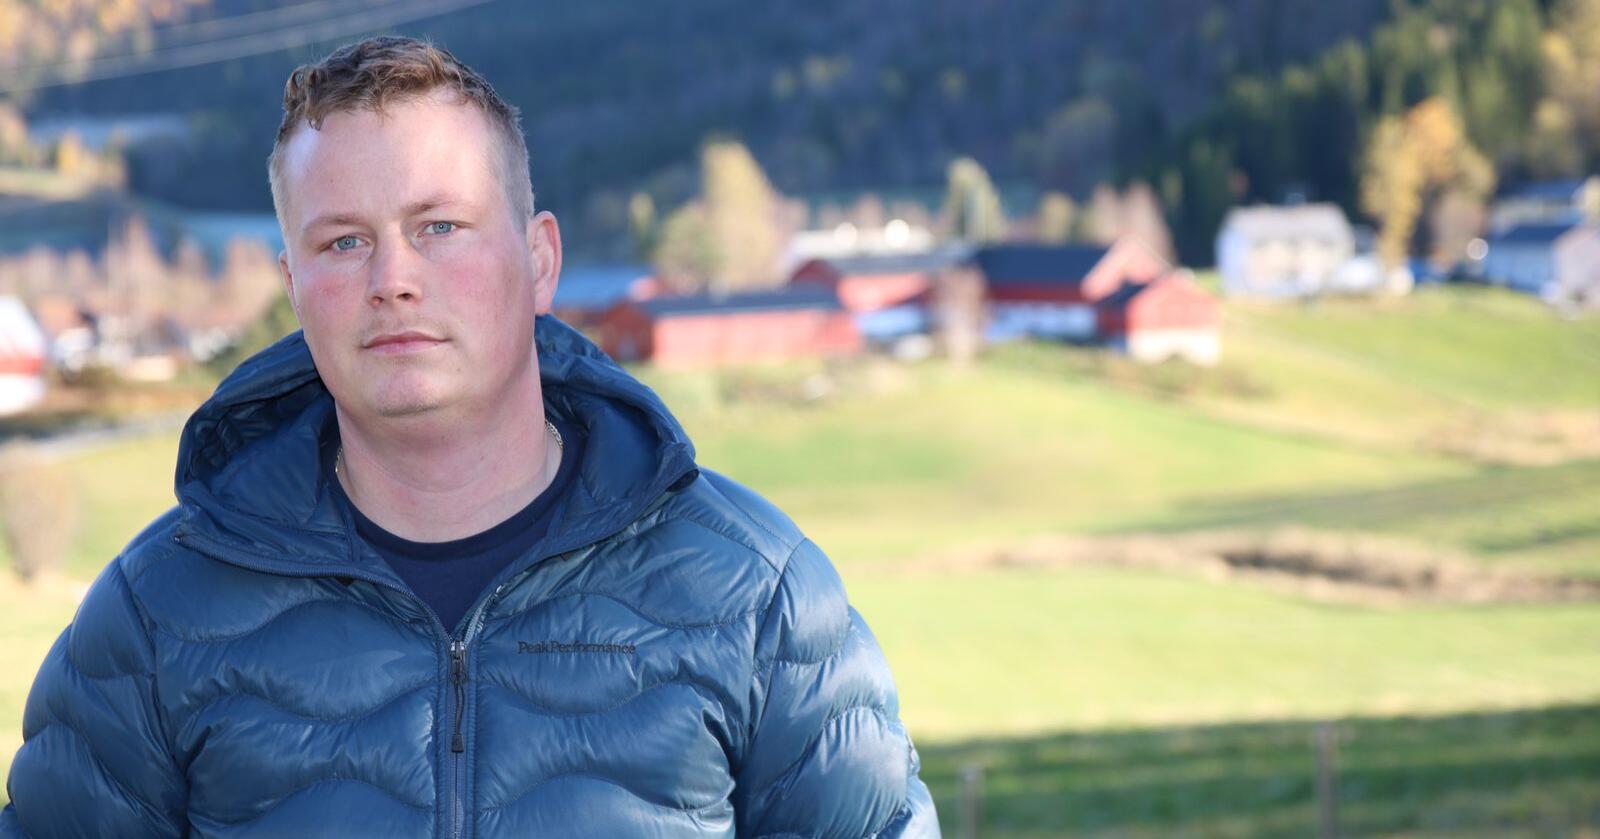 Hvis dette forslaget går gjennom, blir det en katastrofe for den grønne utdanninga i Nordland, mener fylkesleder Trond Bjørkås i Nordland Bondelag. (Foto: Lars Olav Haug)